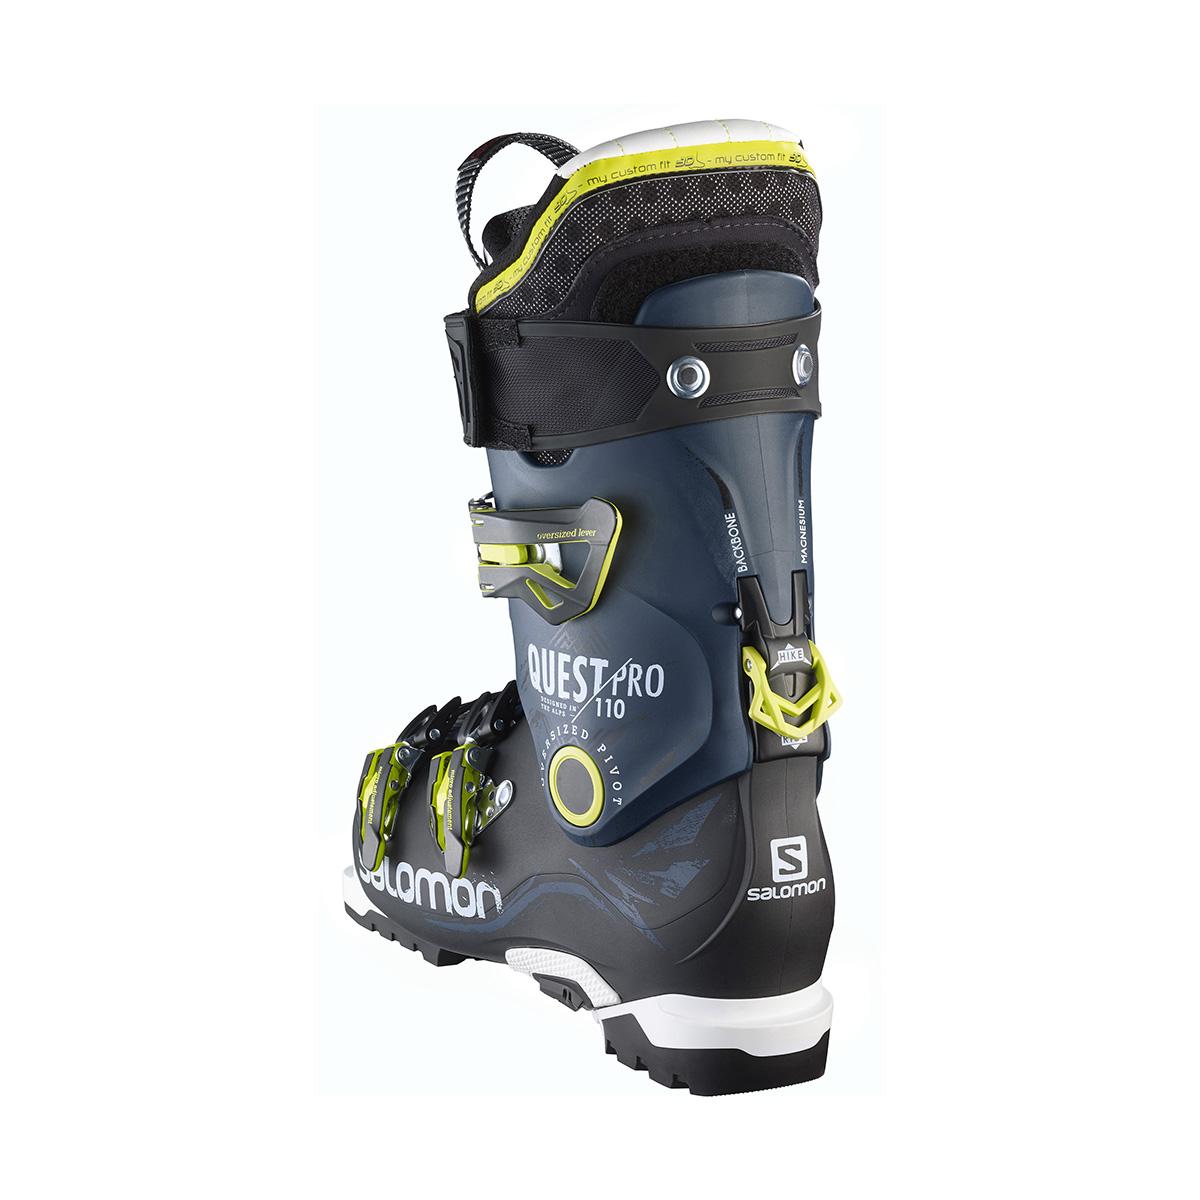 Salomon Quest Pro 110 2016 Hybrid Ski Boots Epictv Shop